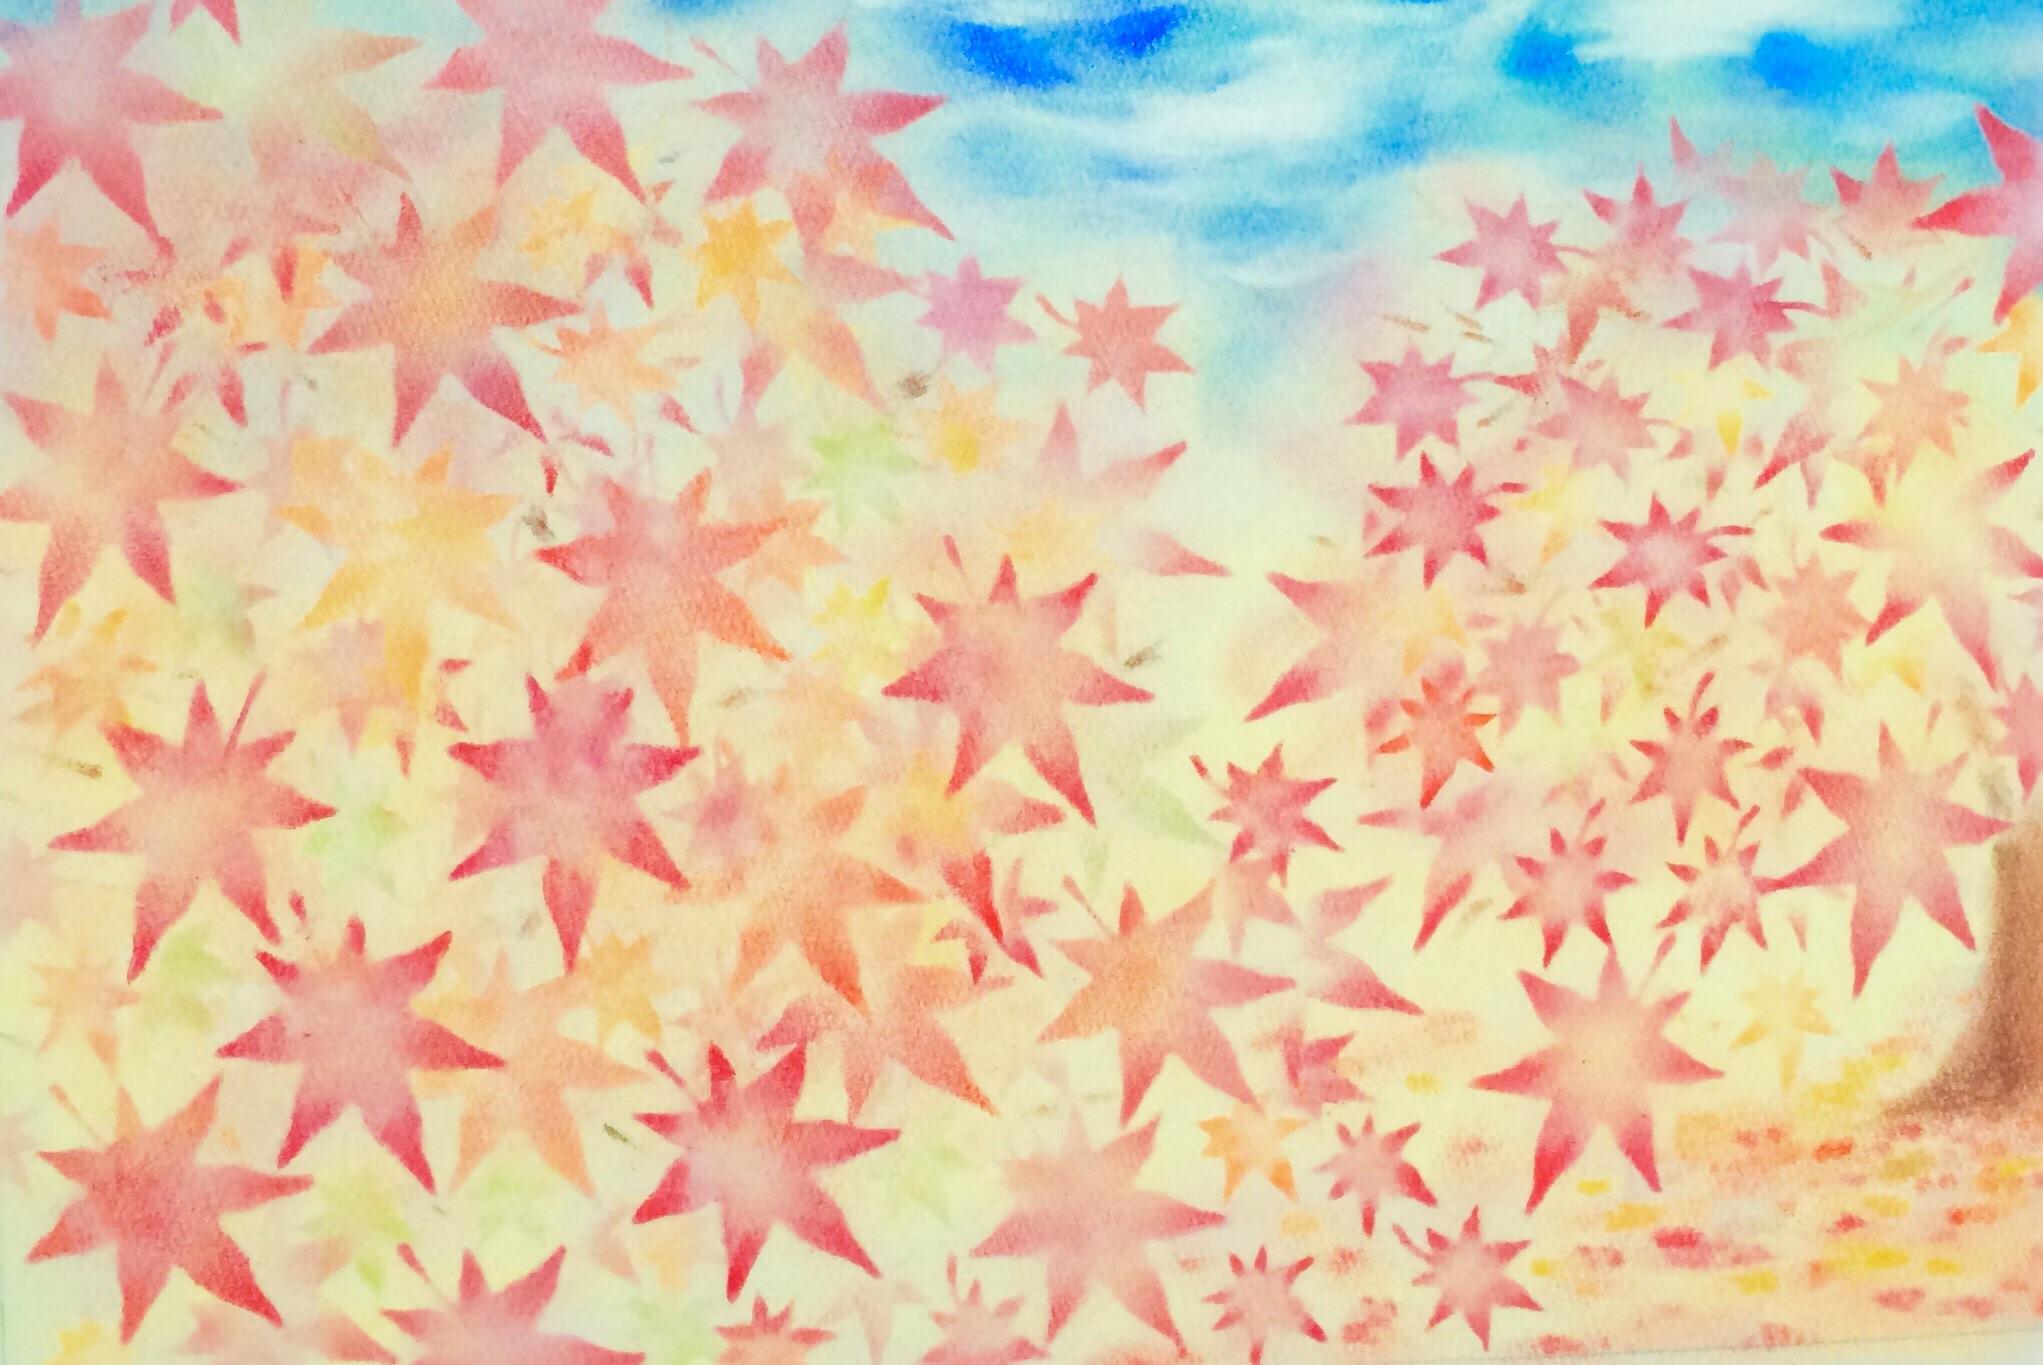 紅葉の型紙をアレンジして風景画を描いてみました。